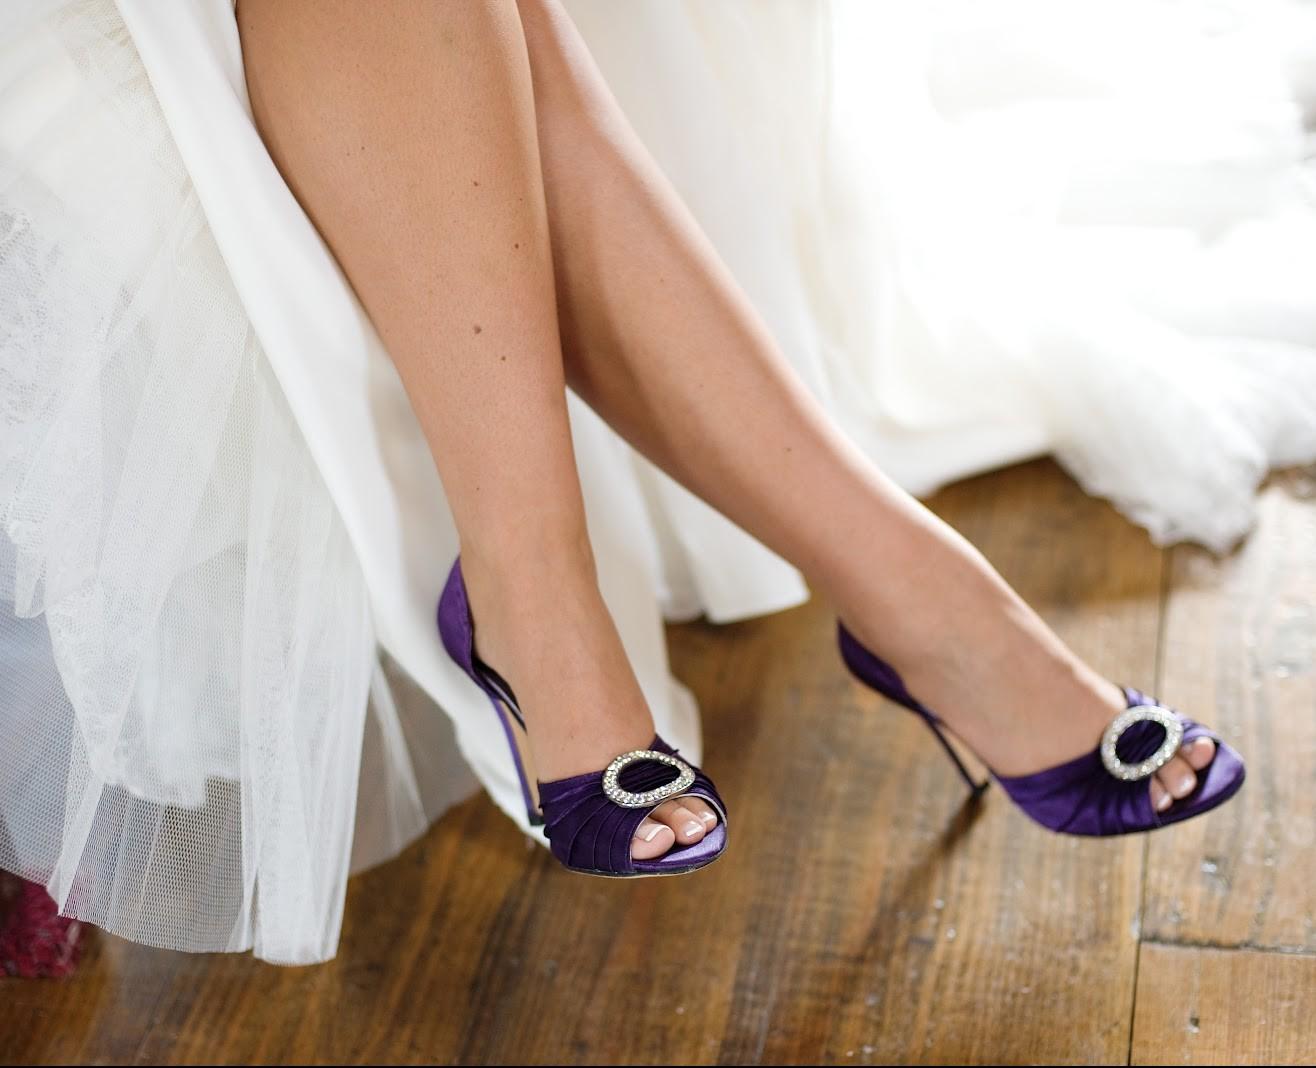 Nişan ayakkabısı 2016 - wedding-shoes-manolo-blahnik-e1431519422477